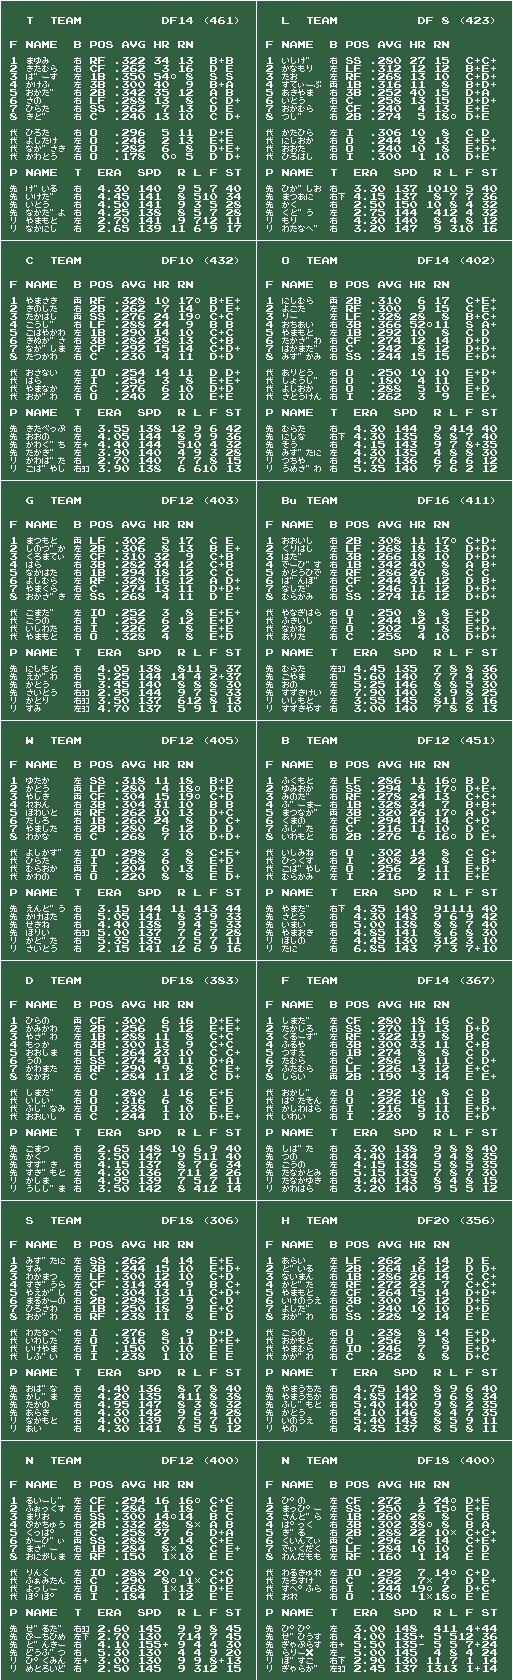 ファミスタ85 祝虎優勝 v2009/03/12 チームデータ